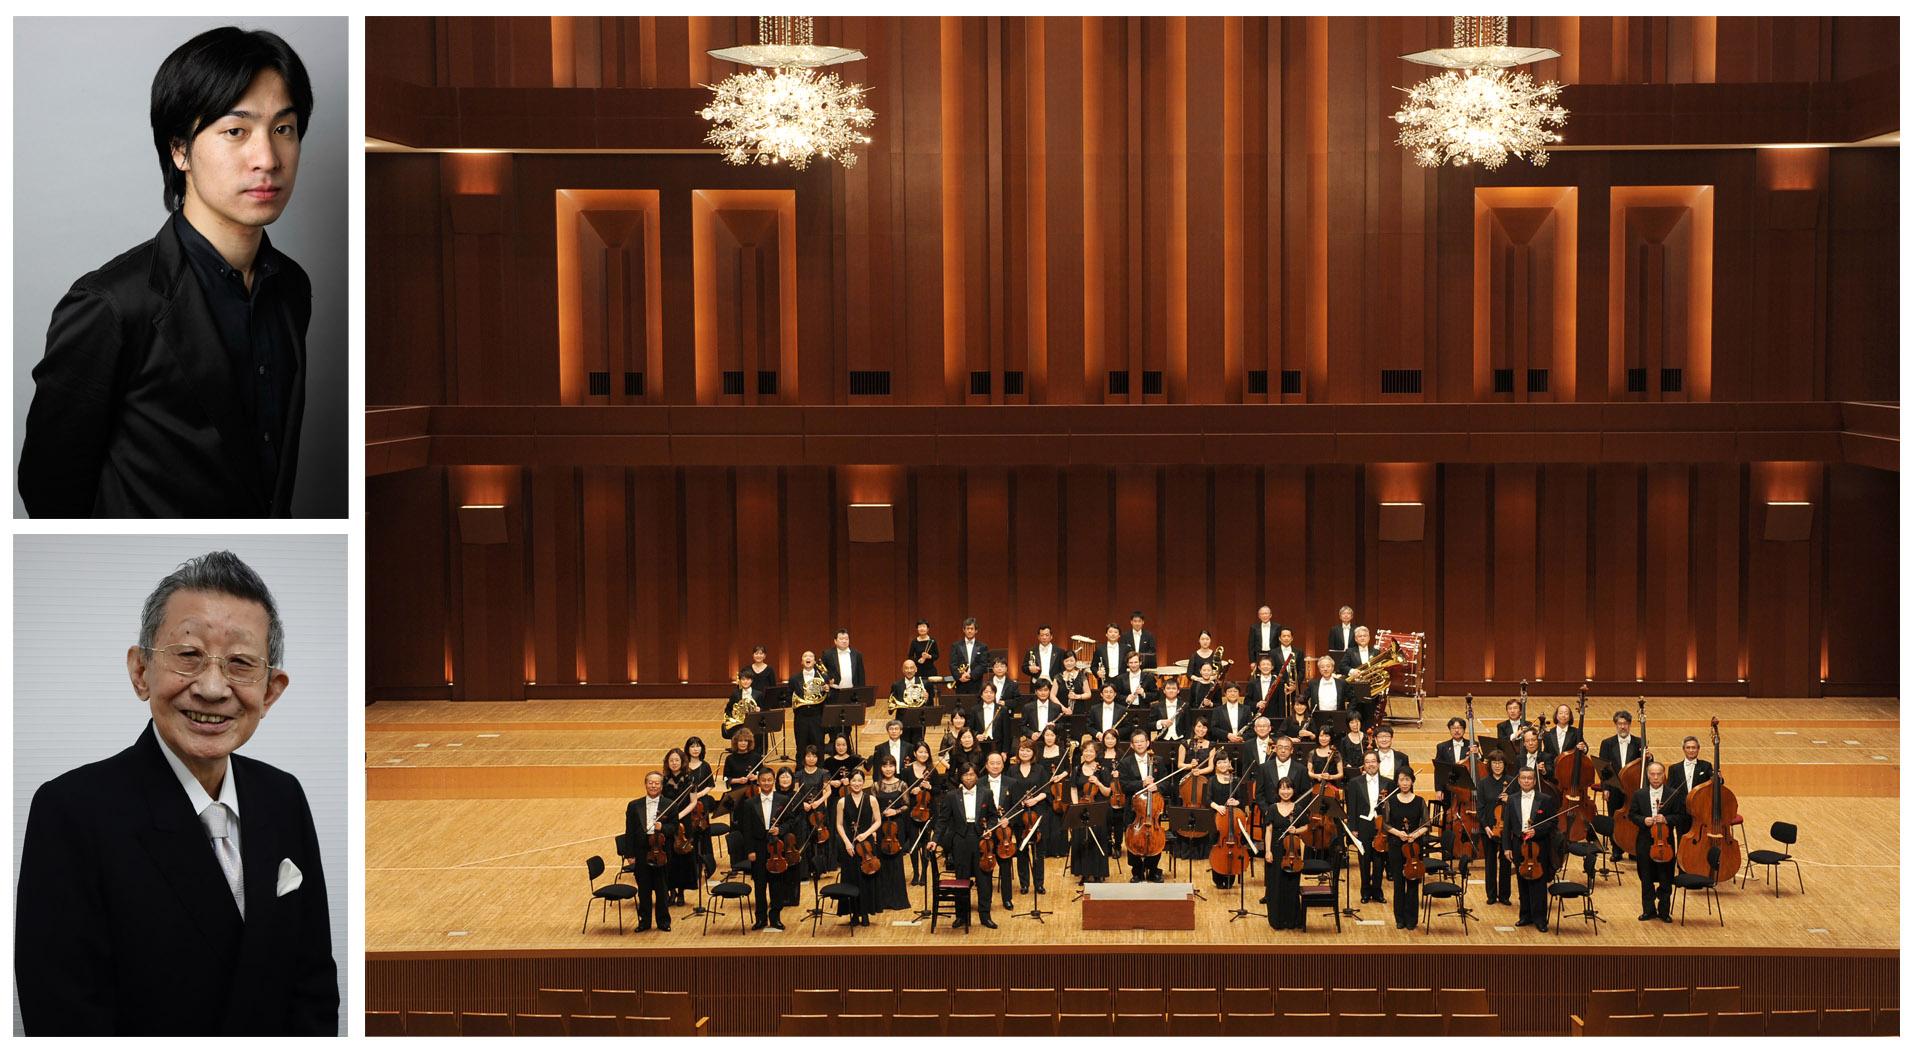 ドラゴンクエストコンサートすぎやまこういちと九州交響楽団